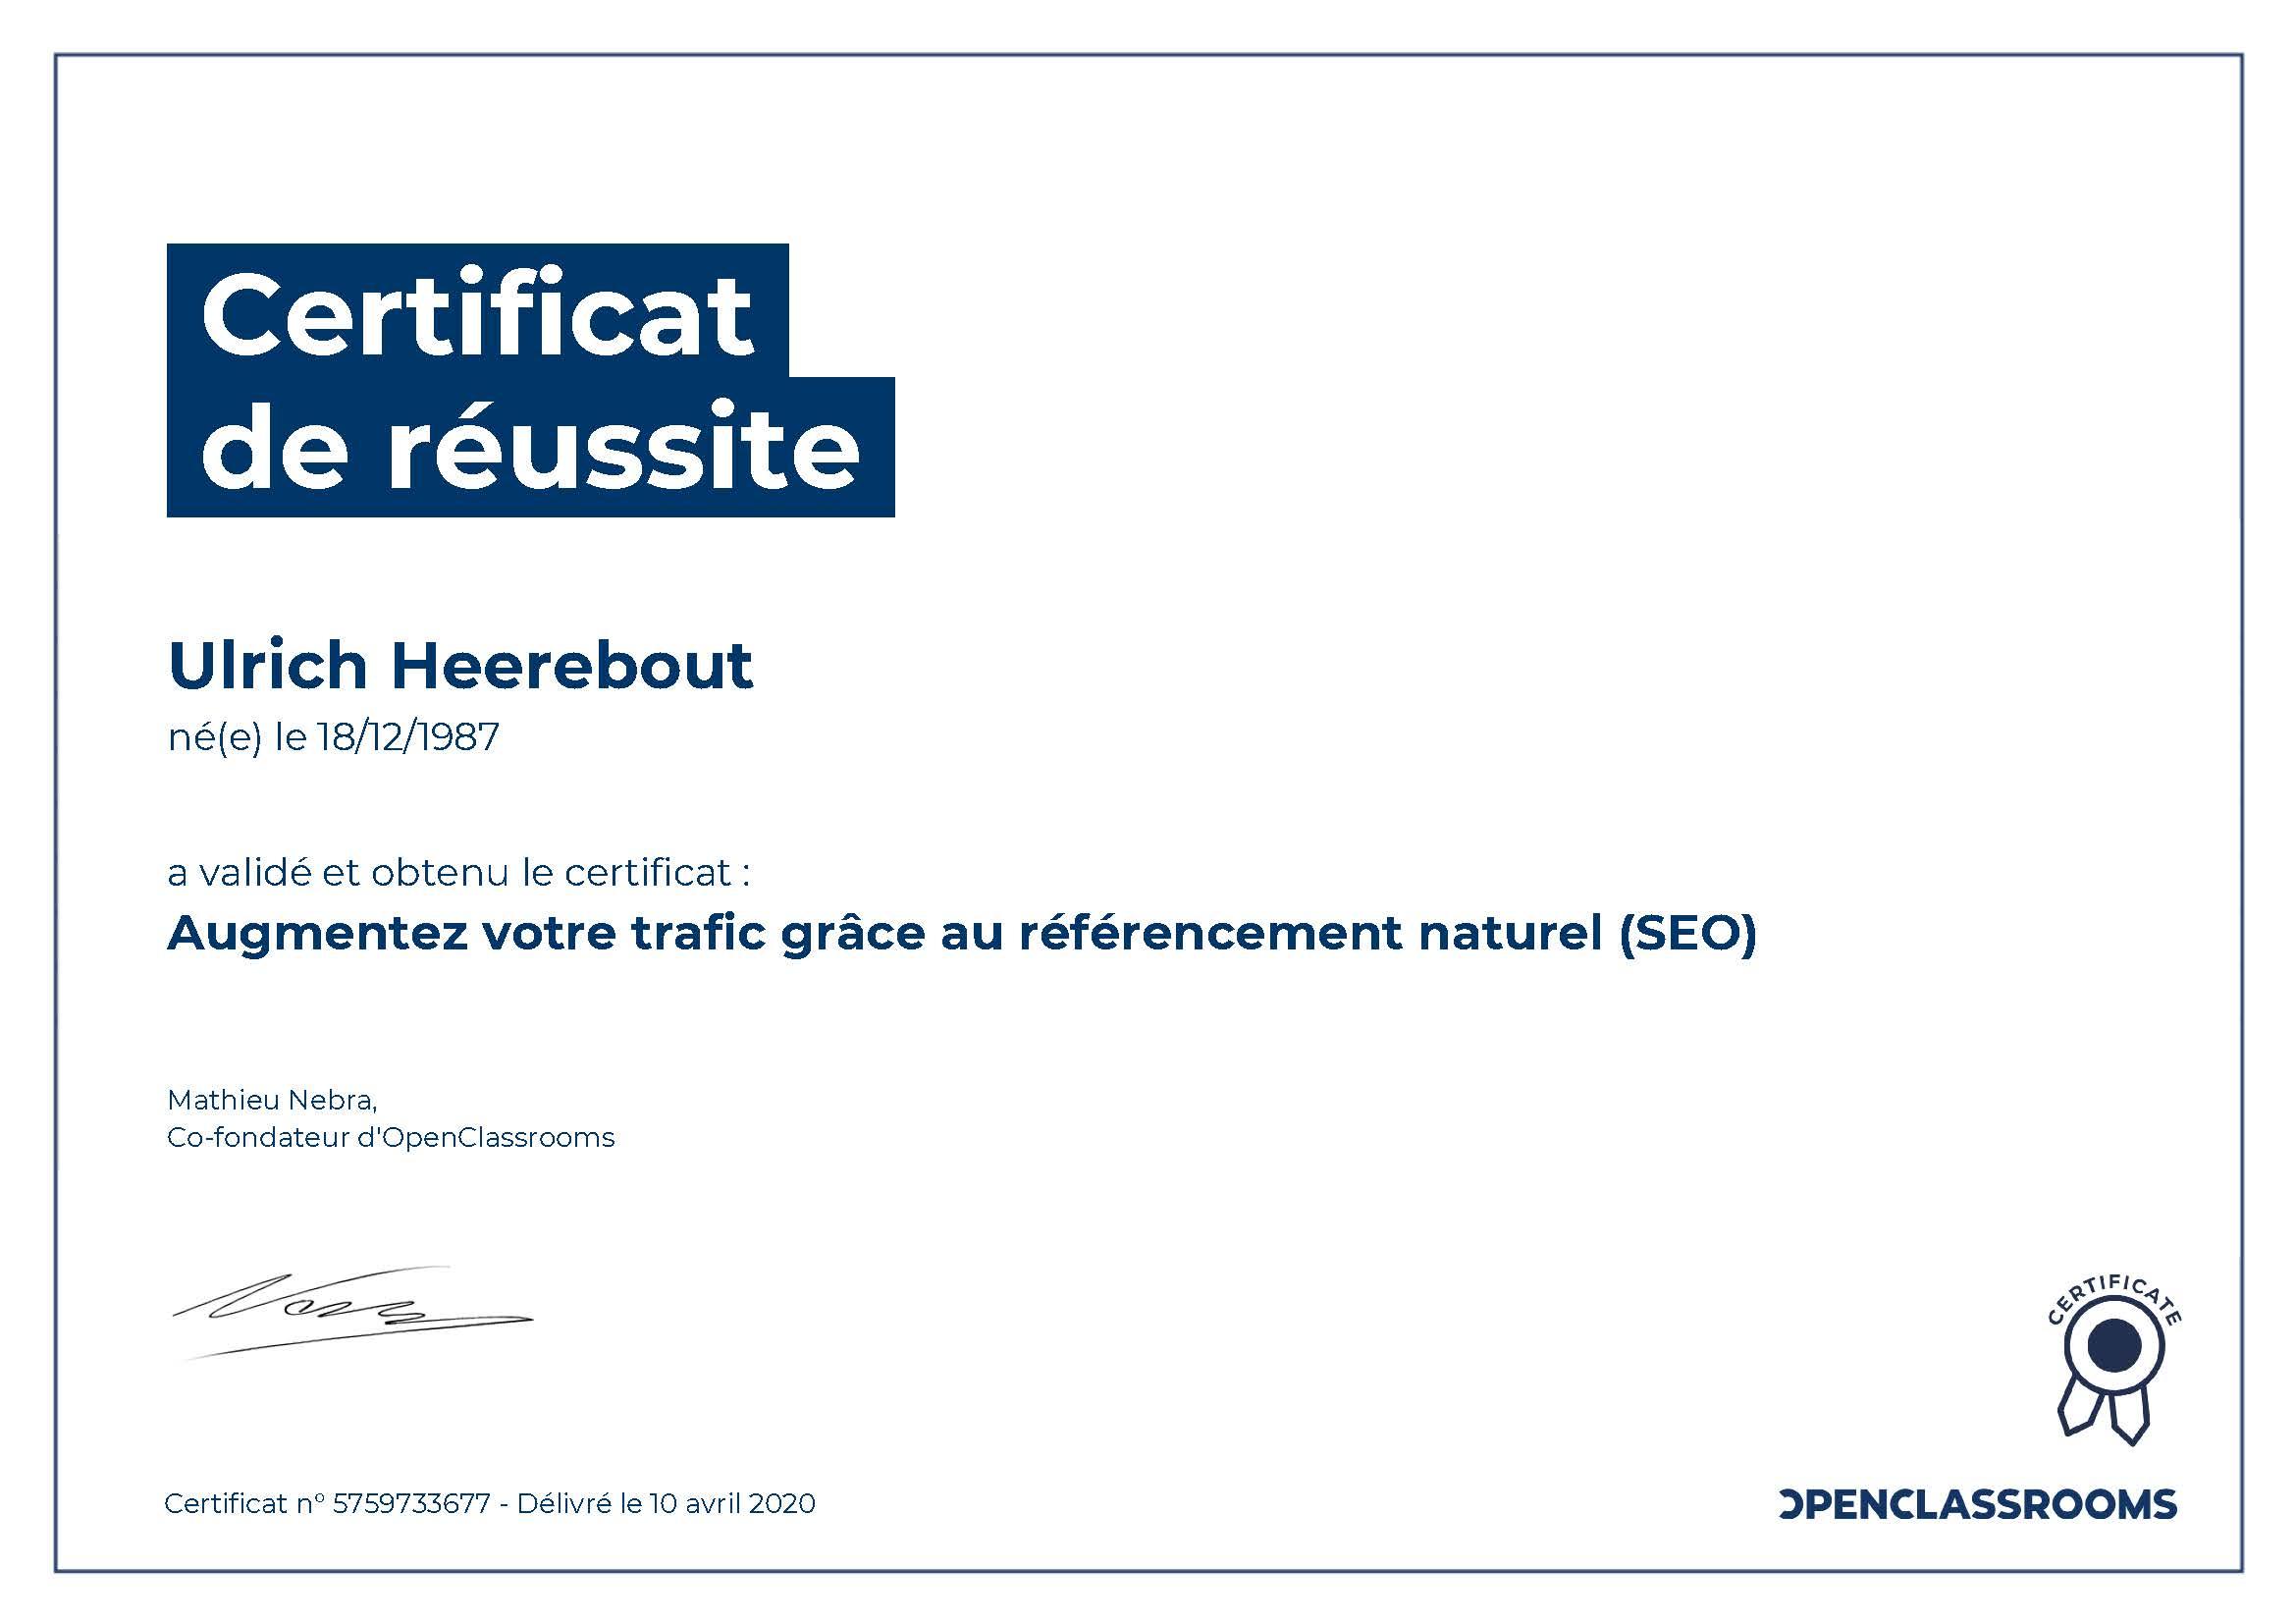 Certificat de réussite : Augmentez votre trafic grâce au référencement naturel SEO